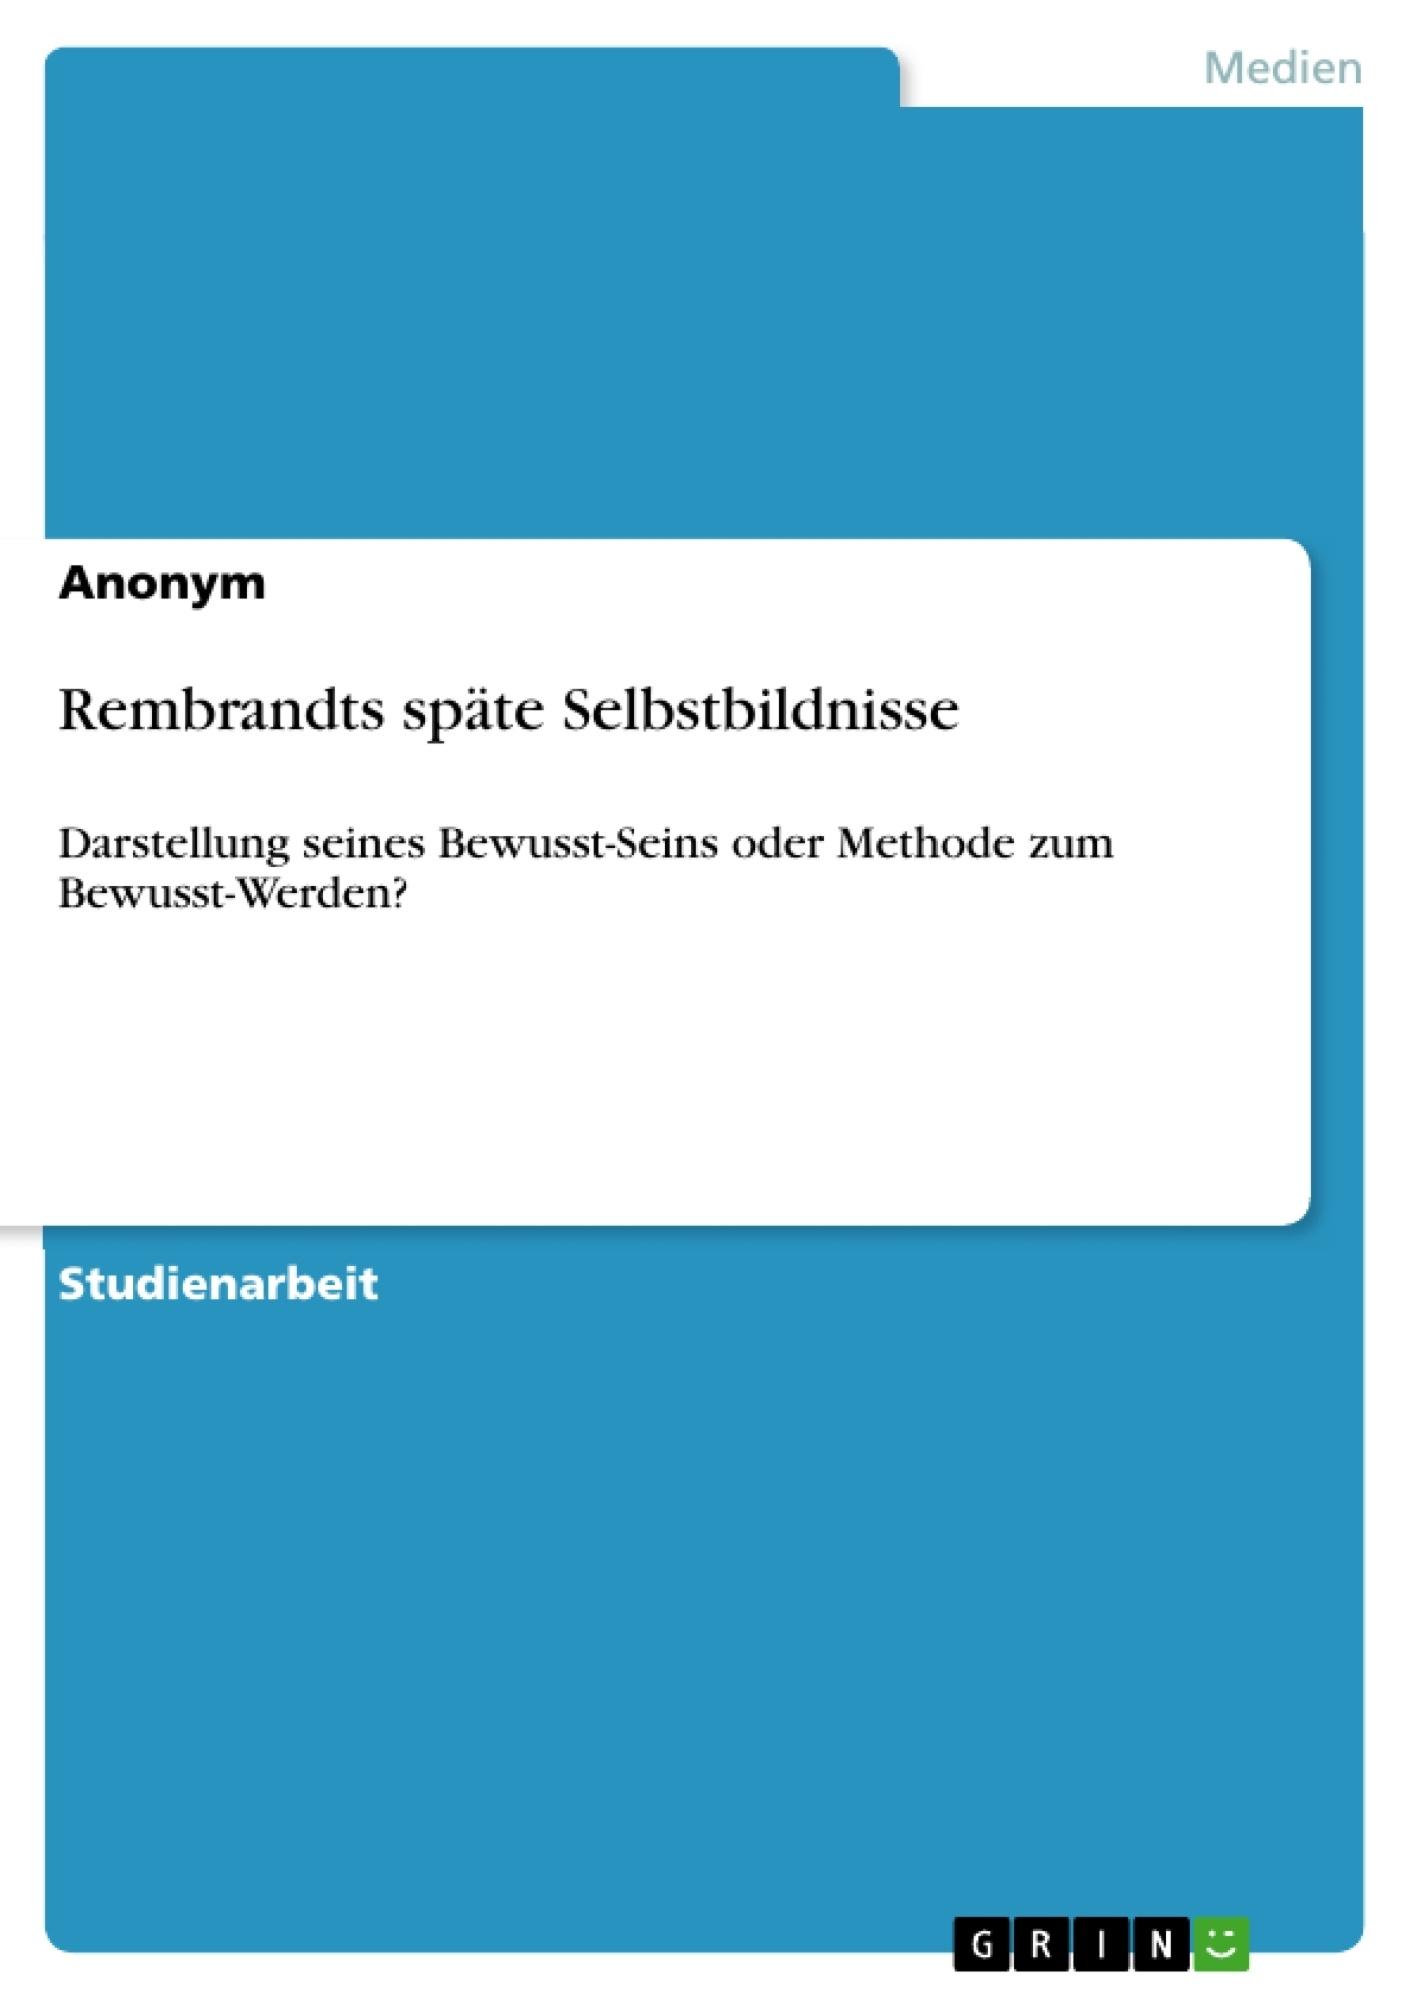 rembrandt und seine selbstbildnisse gesichter fr den markt german edition